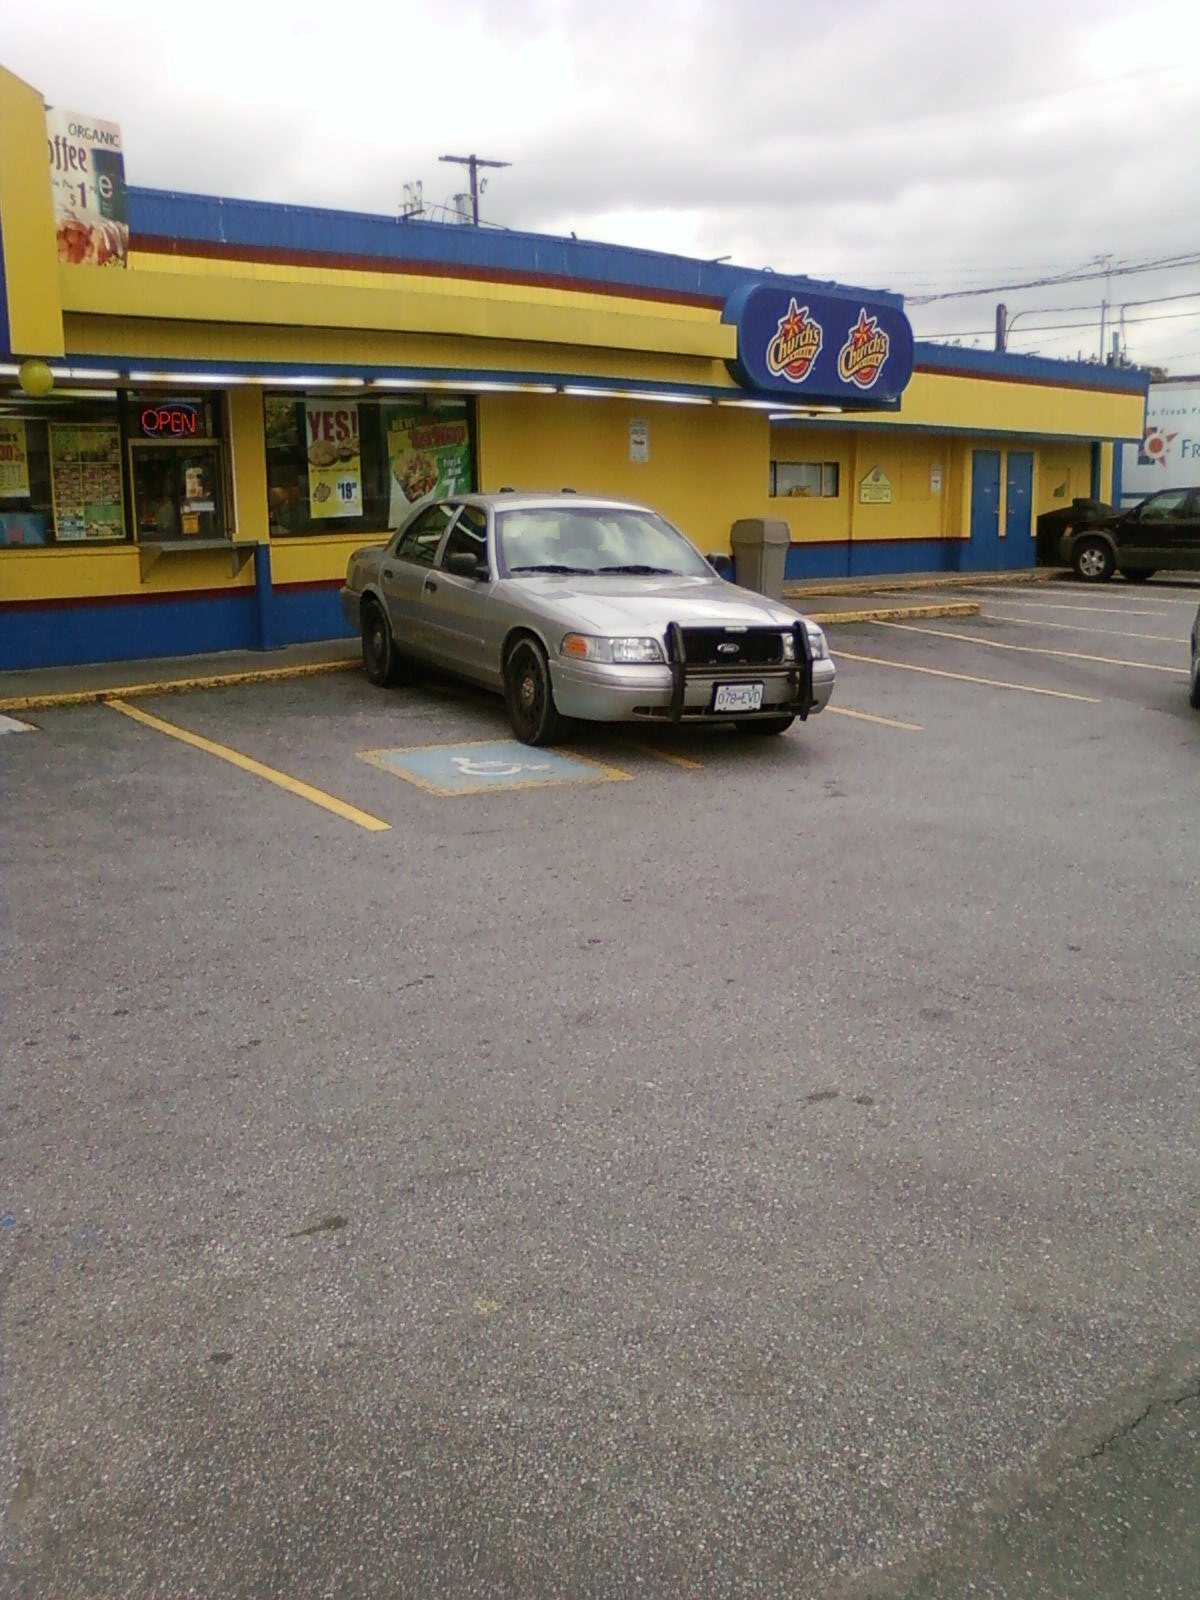 http://1.bp.blogspot.com/_qkEhZQMqS-A/TI-fL5is_3I/AAAAAAAABns/nZr_hq8AXJ4/s1600/Photo-0342.jpg